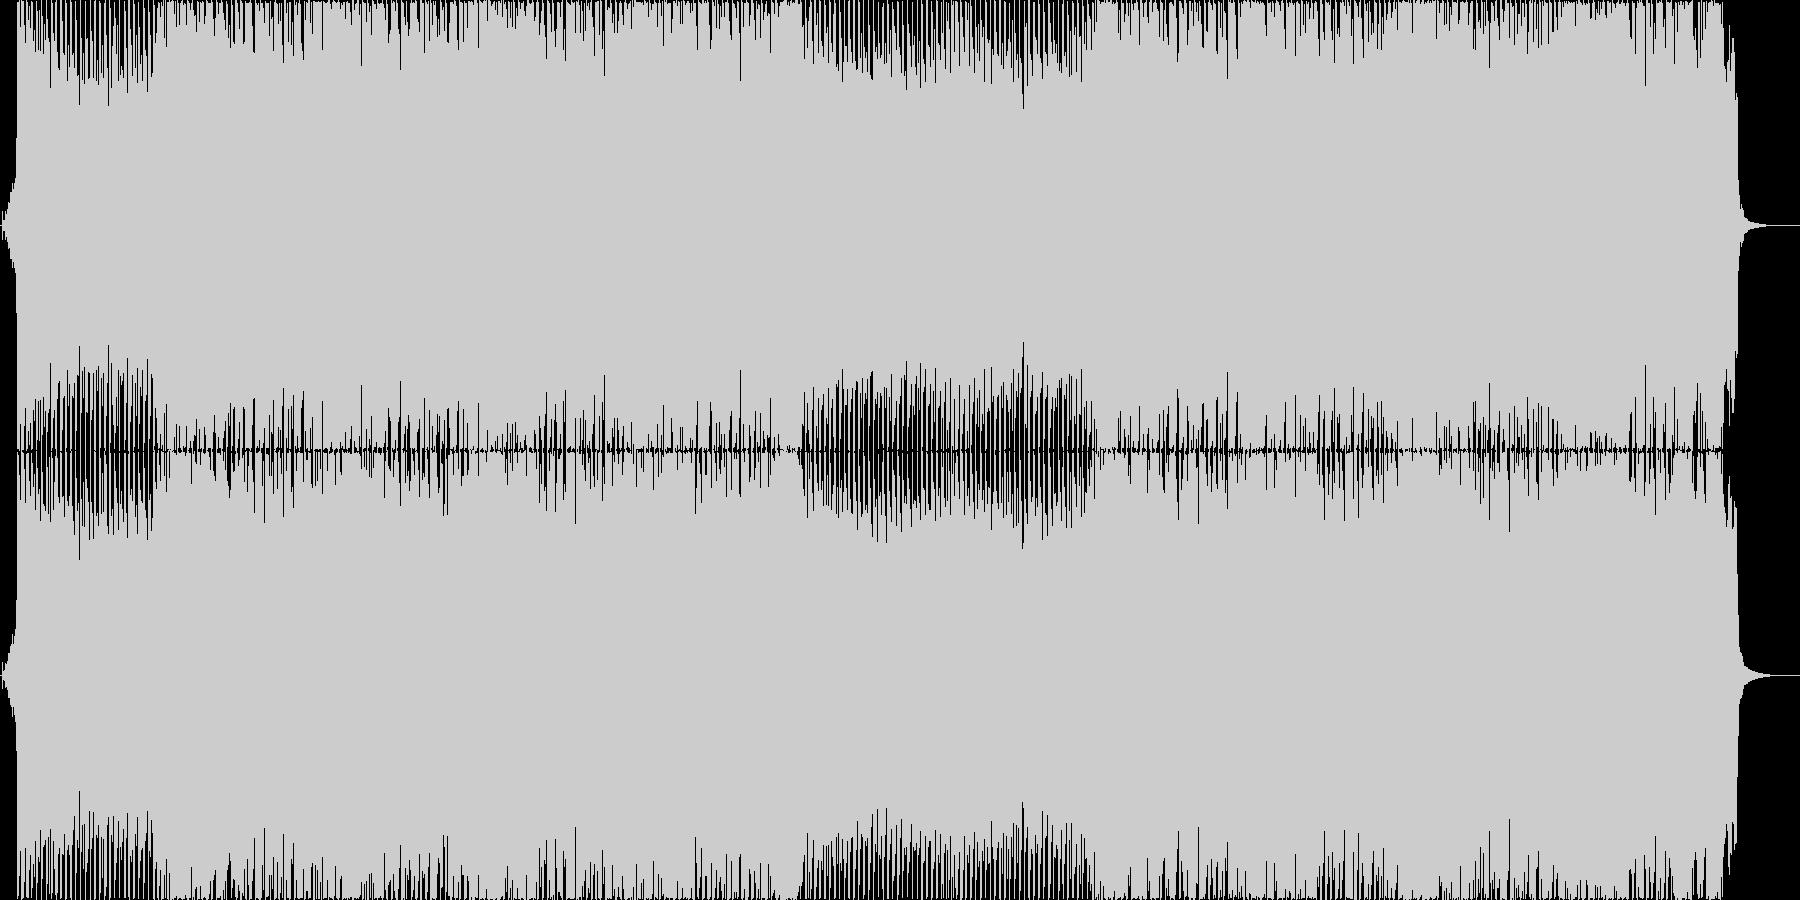 ベルとストリングスのドラマチックポップの未再生の波形